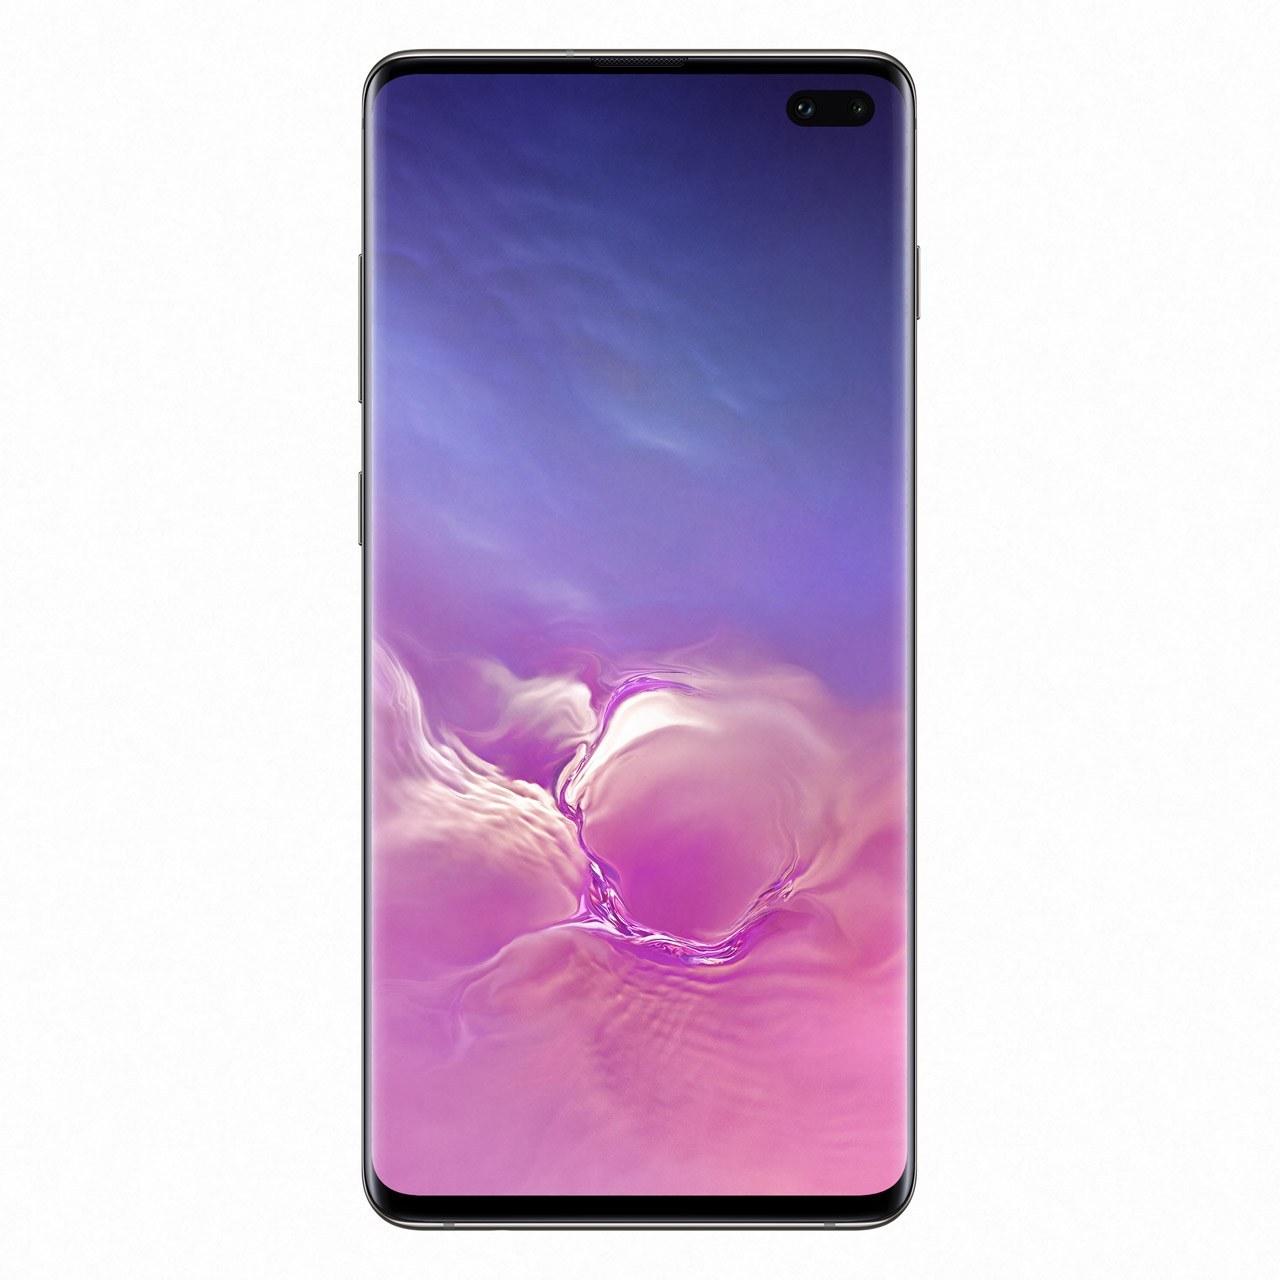 گوشی موبایل سامسونگ مدل Galaxy S10 Plus با حافظه داخلی 128 گیگابایت |